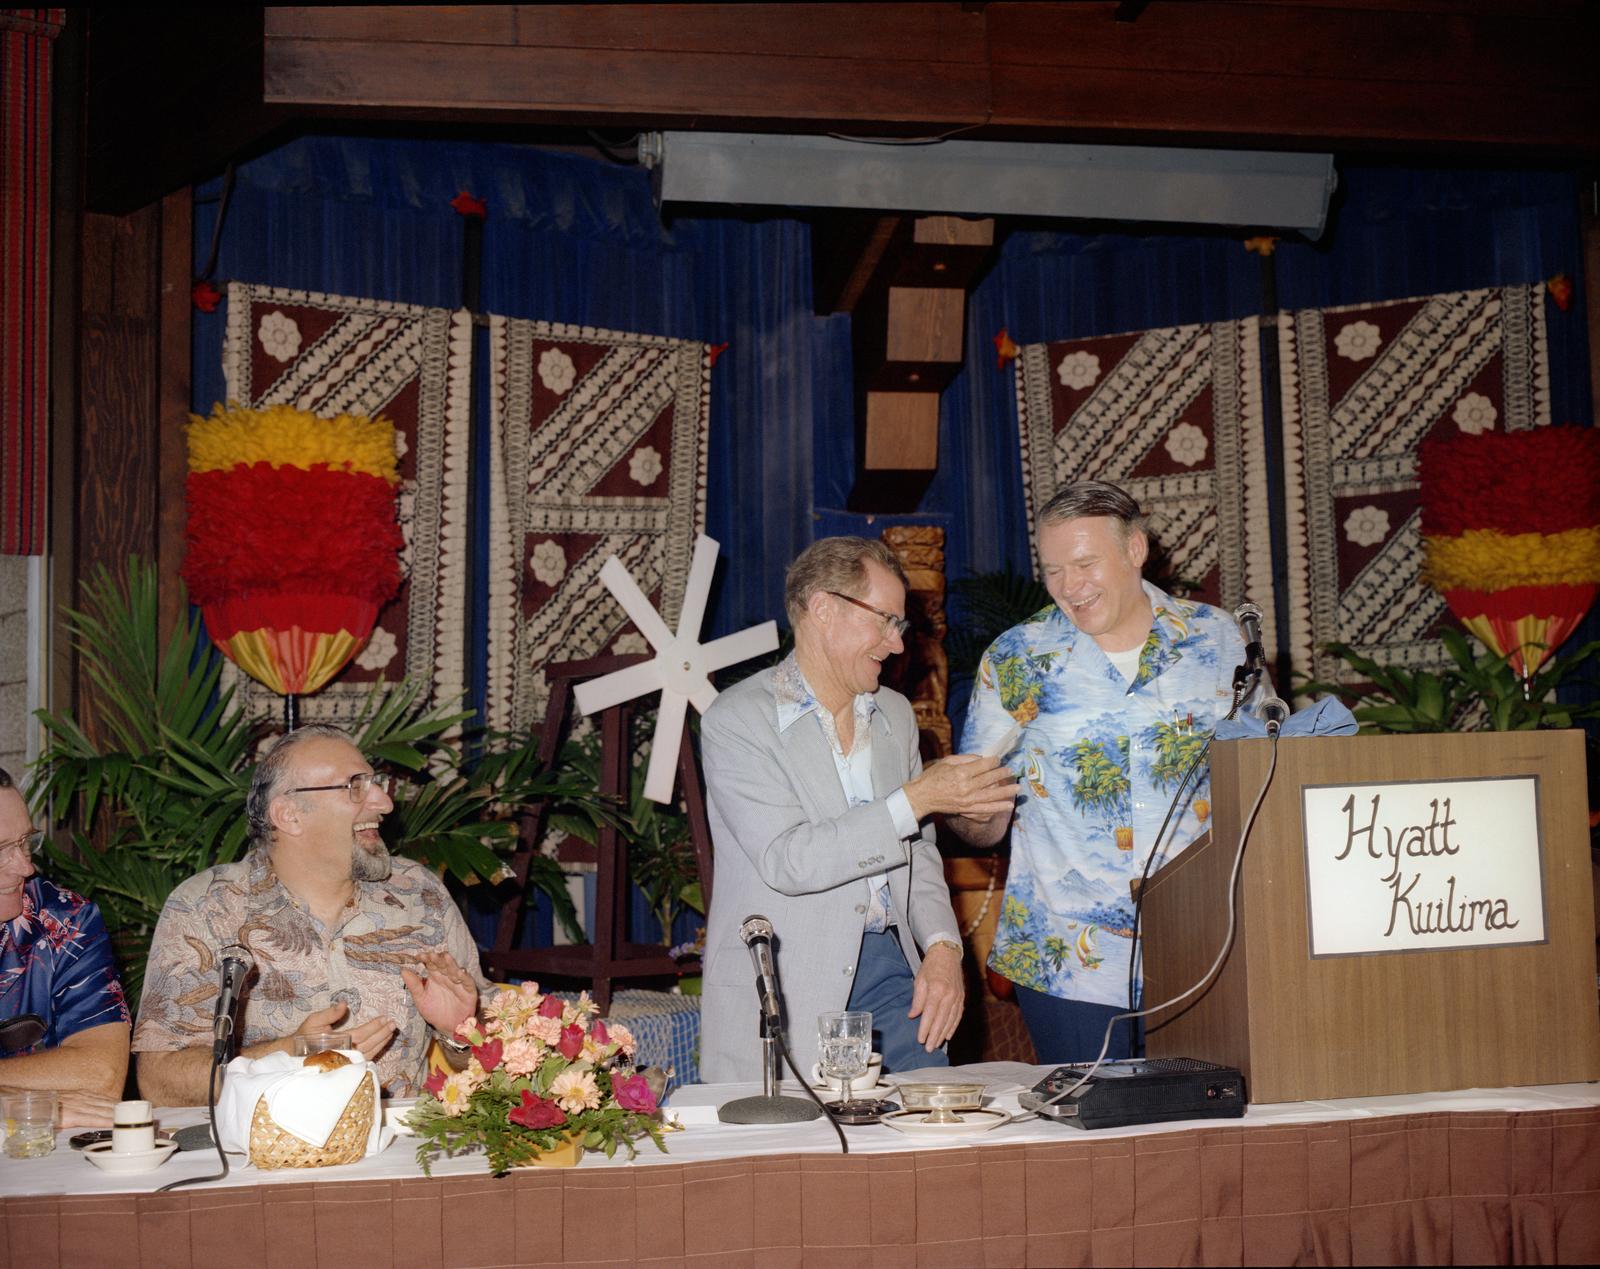 WIND TURBINE SITE DEDICATION AT KAHUKU OAHU HAWAII